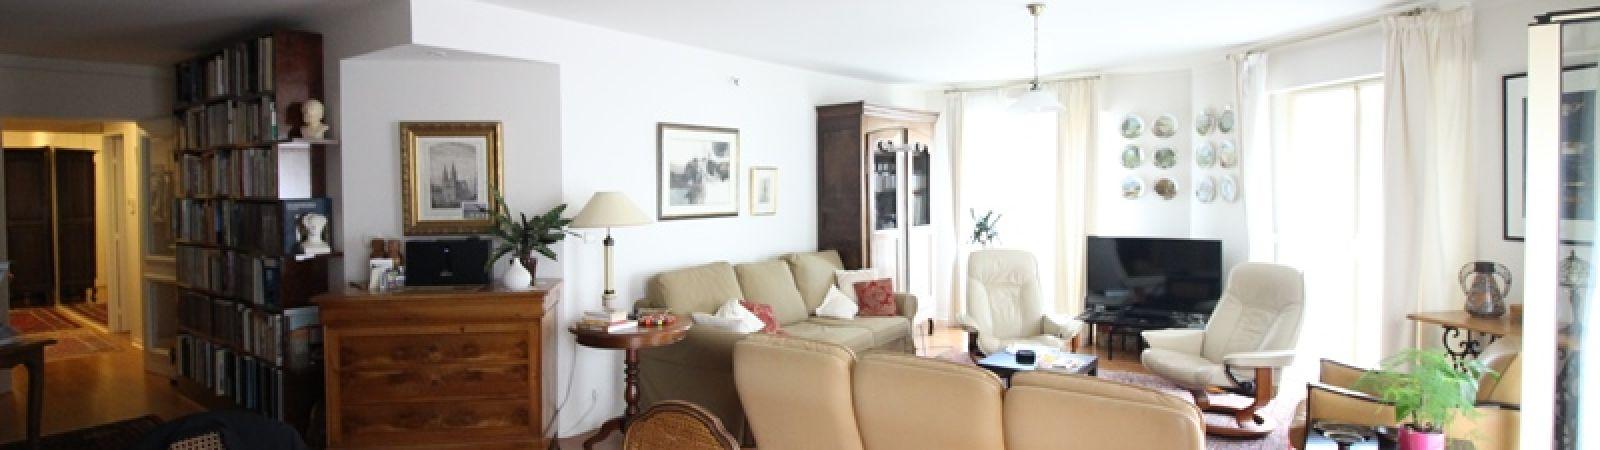 photo 3: Emplacement exceptionnel pour cet appartement